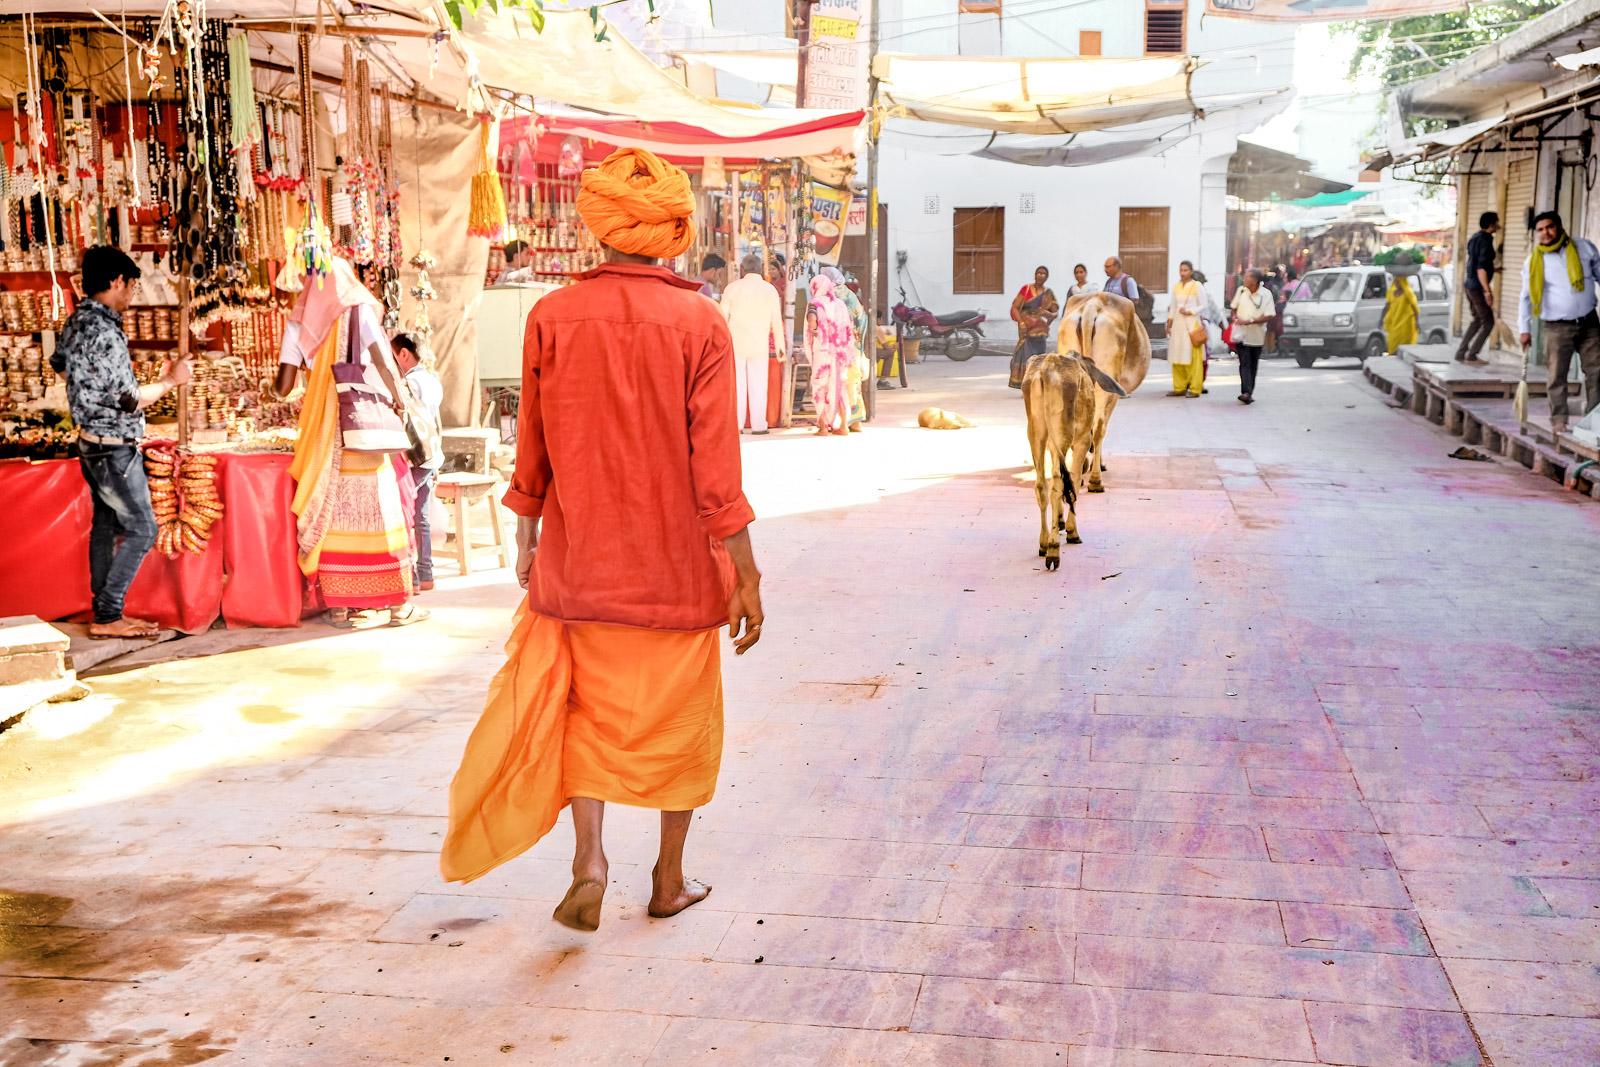 Premier voyage en Inde : comment se préparer ?